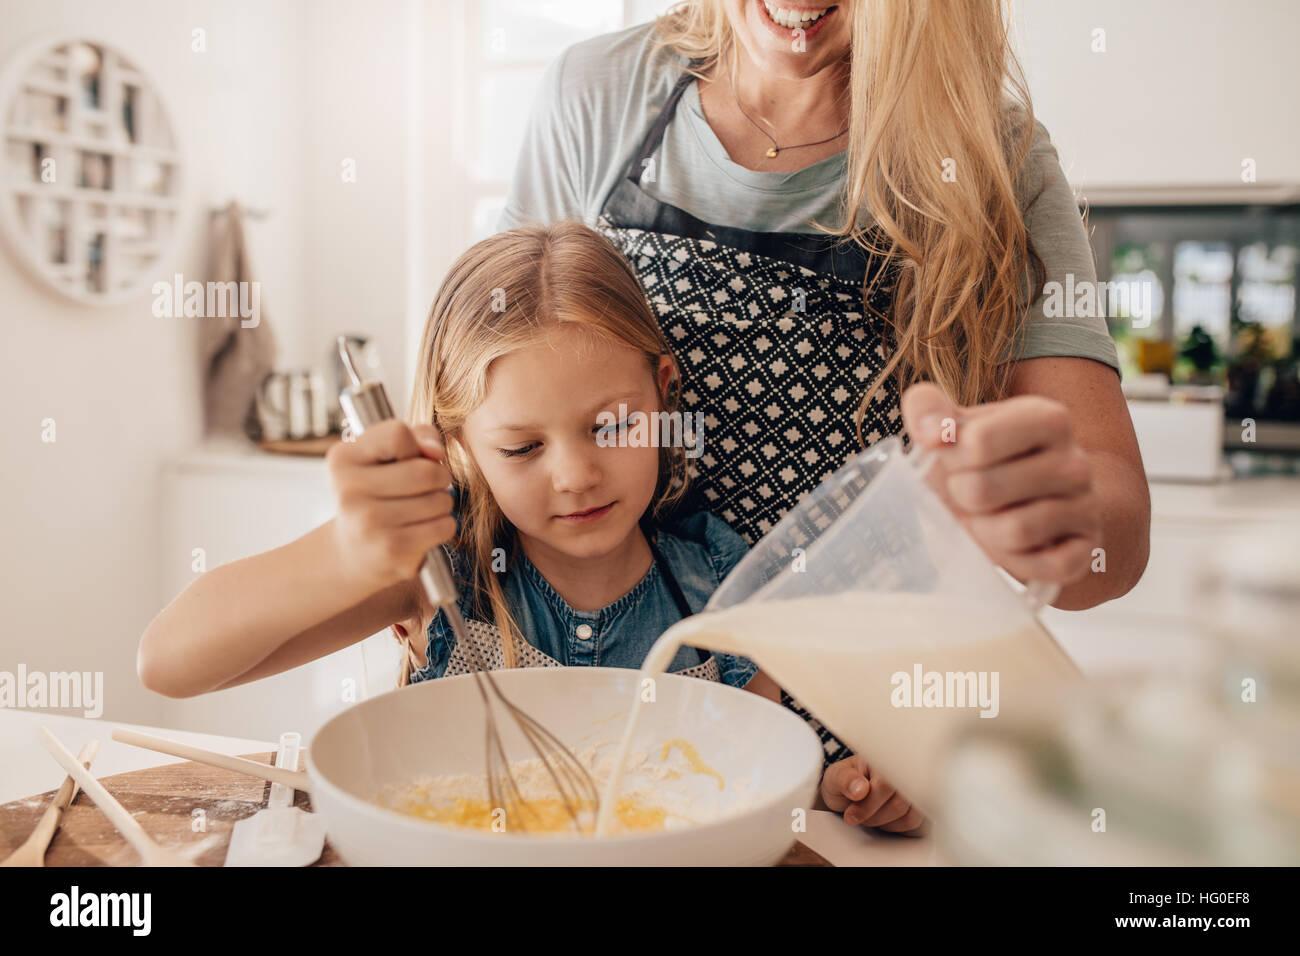 Jolie petite fille et sa mère mixer dans le bol. Verser le lait de la mère avec sa fille en fouettant Photo Stock